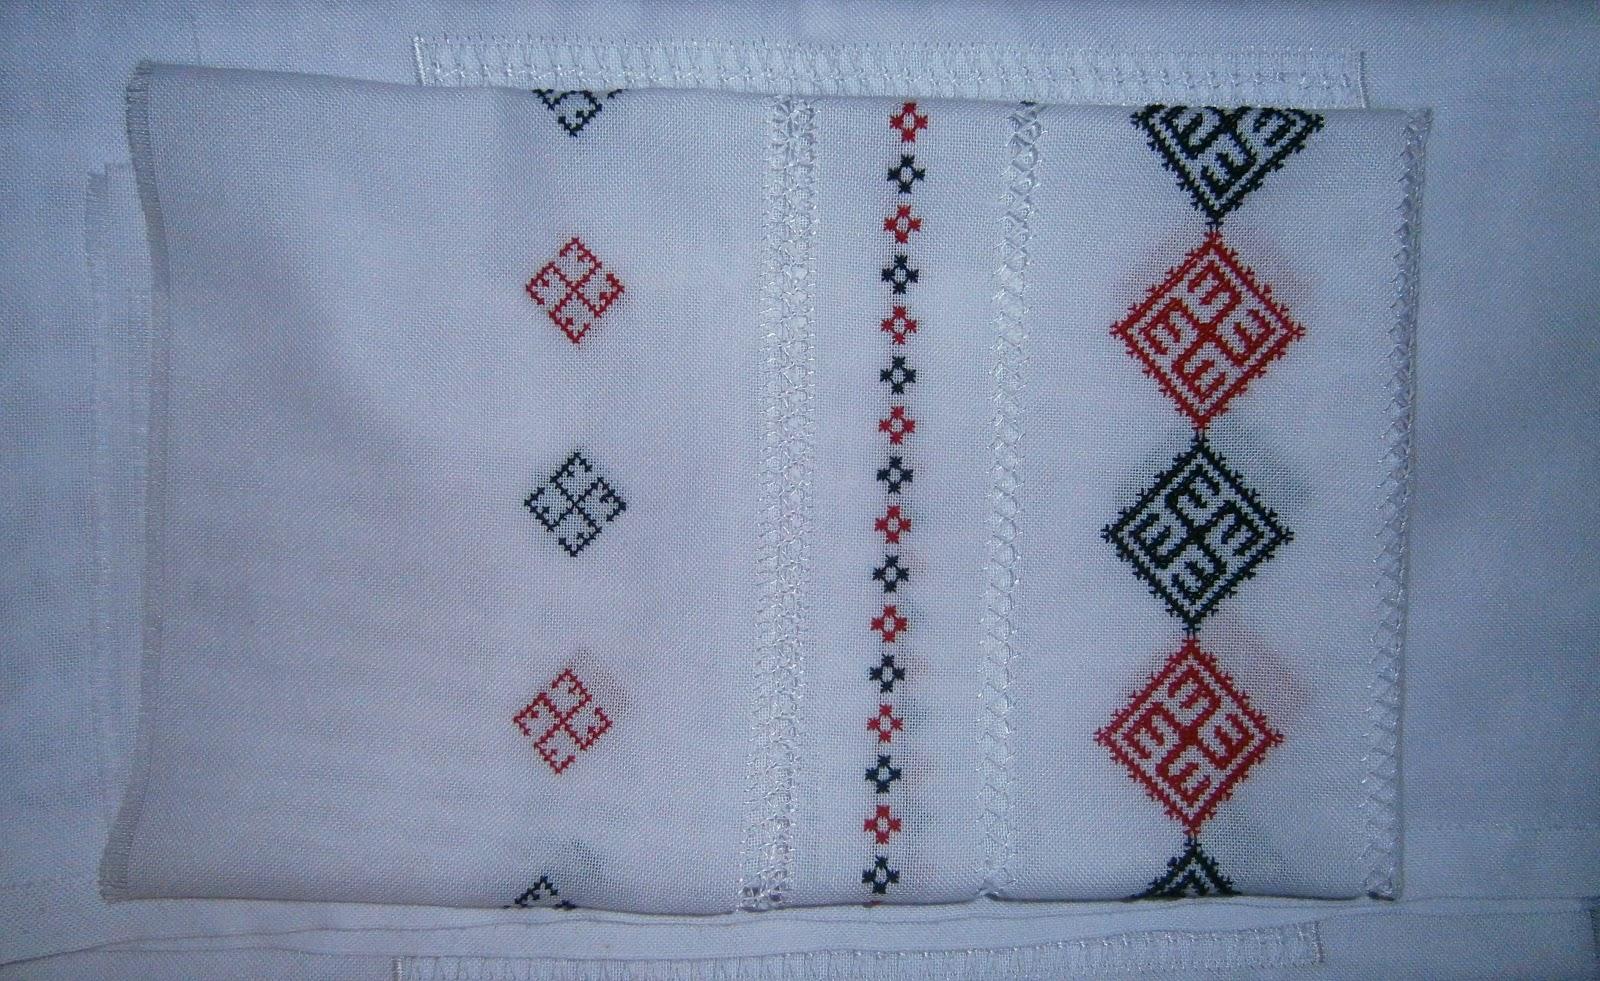 Вишиванка - Інтернет-магазин вишиванок  листопада 2012 21aa4bf15fe61